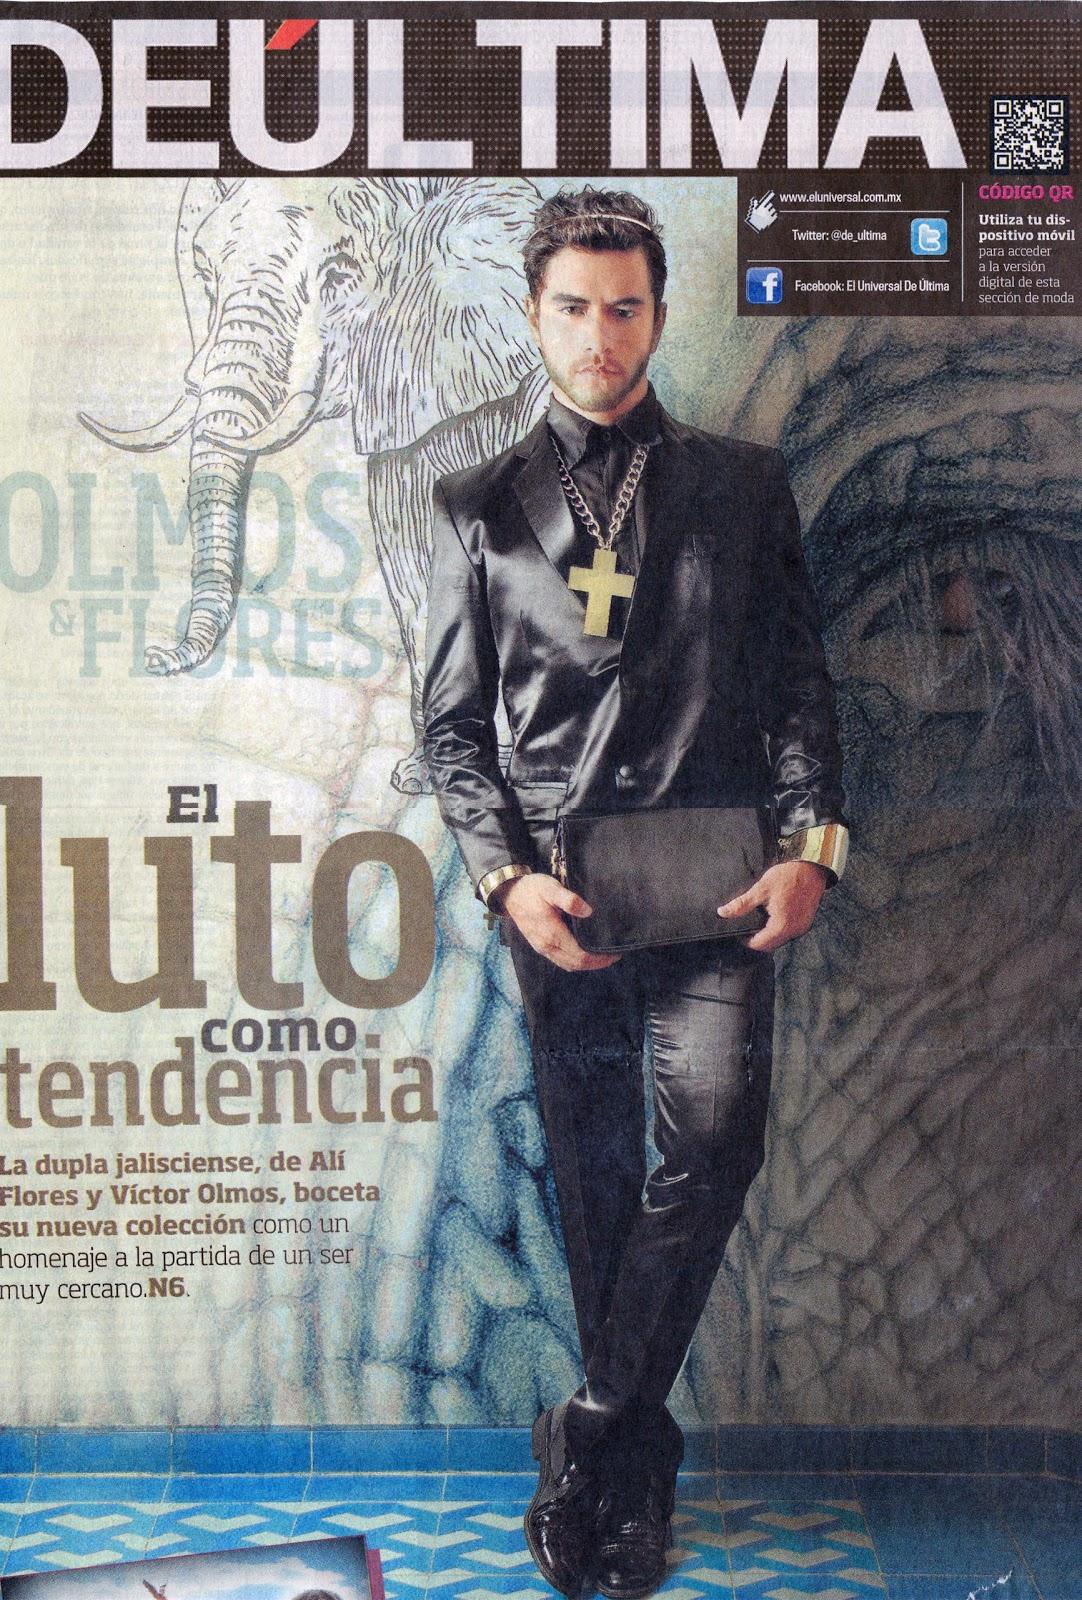 d19082ed79 Aldo / De Ultima - EL UNIVERSAL - BANG! Management